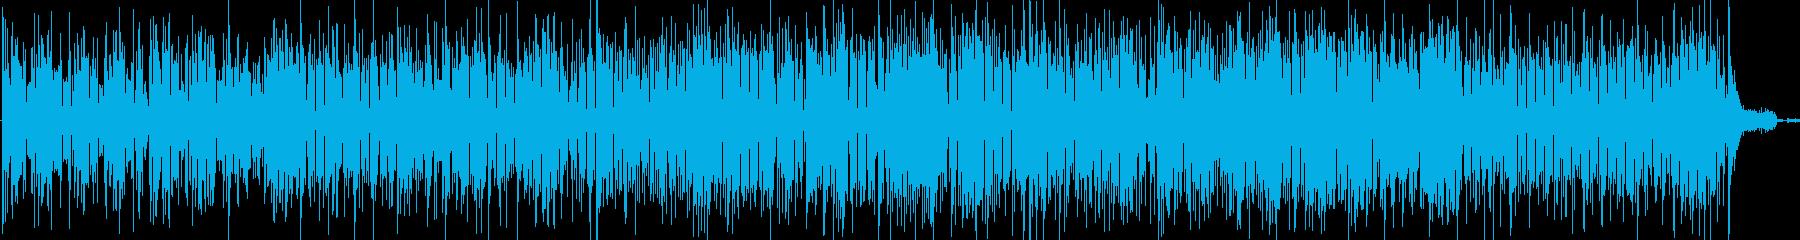 ラテンフラメンコ楽器。活気があり、...の再生済みの波形